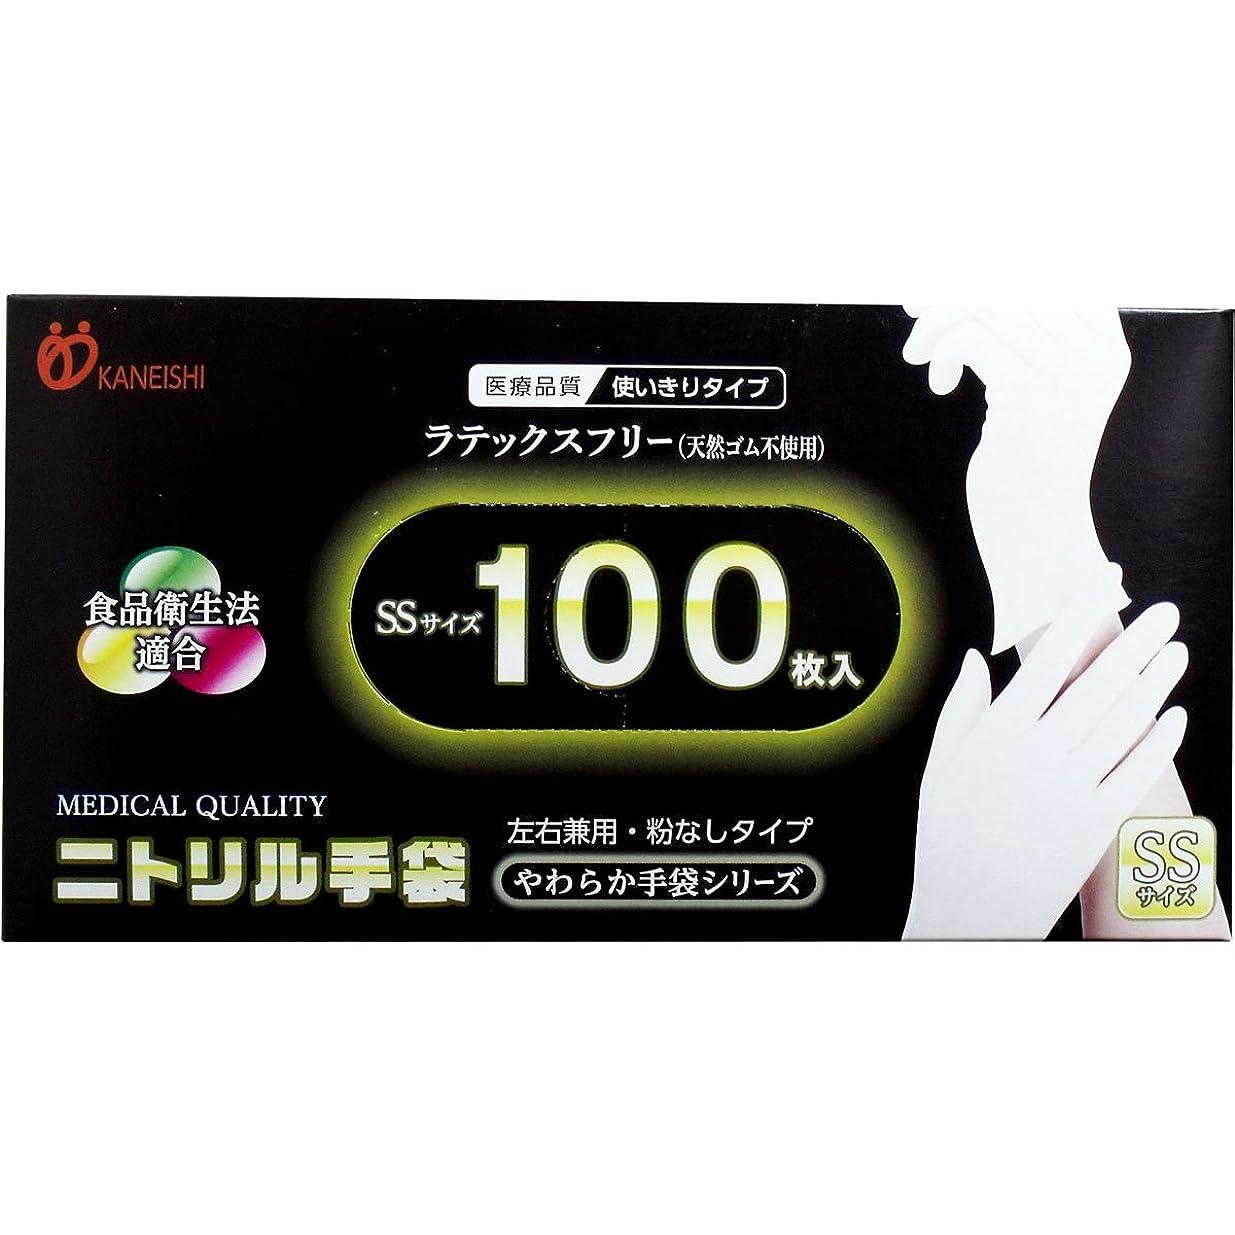 ずっと生む飛行機天然ゴム 手袋 指先の感覚を大切に 衛生的 やわらかニトリル手袋 パウダーフリー 100枚入 SSサイズ【2個セット】